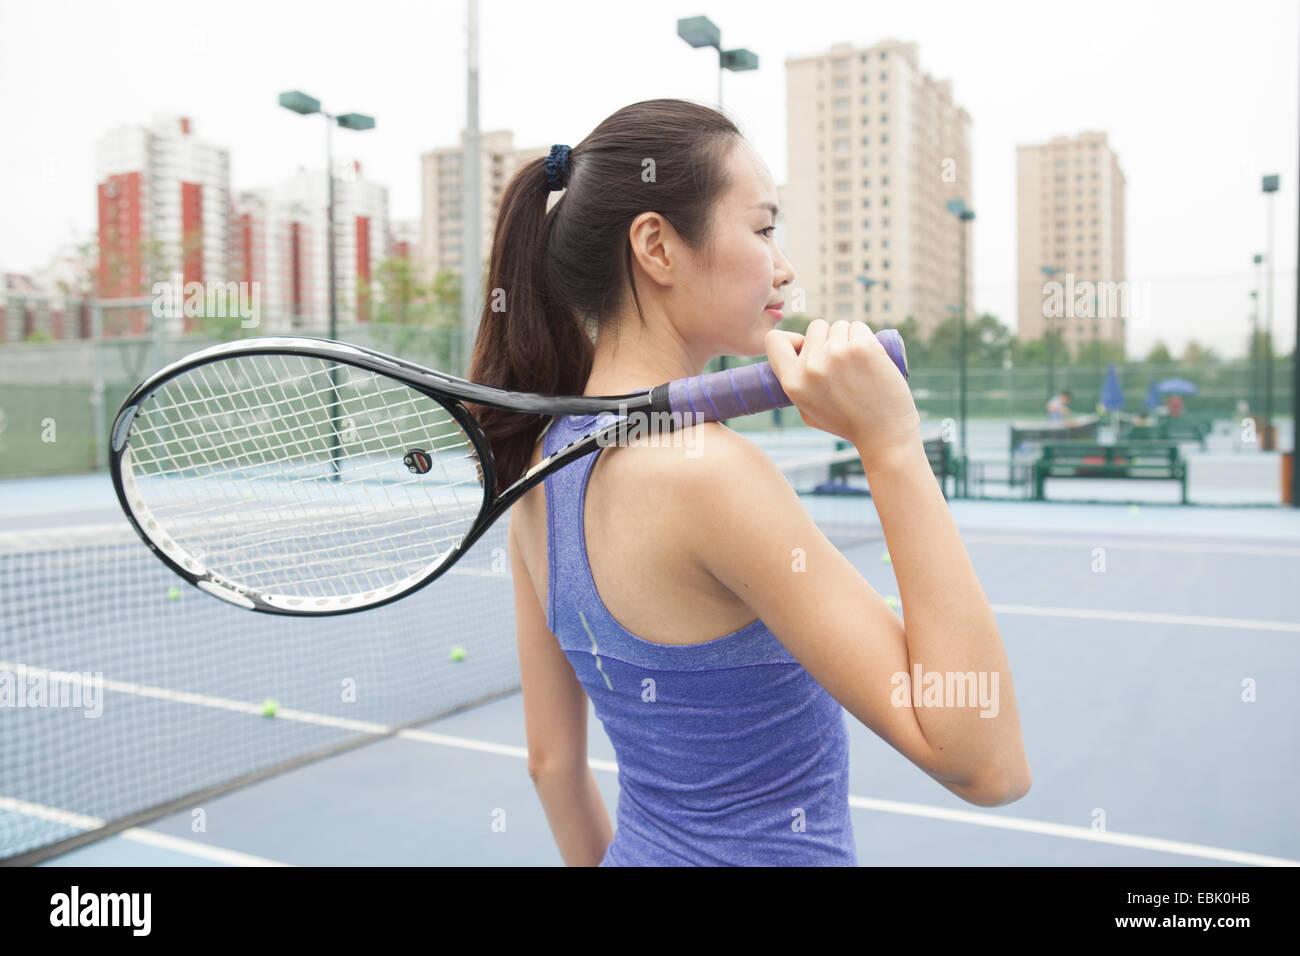 Joven Jugador de tenis femenino con la raqueta de tenis sobre el hombro de cancha de tenis Foto de stock